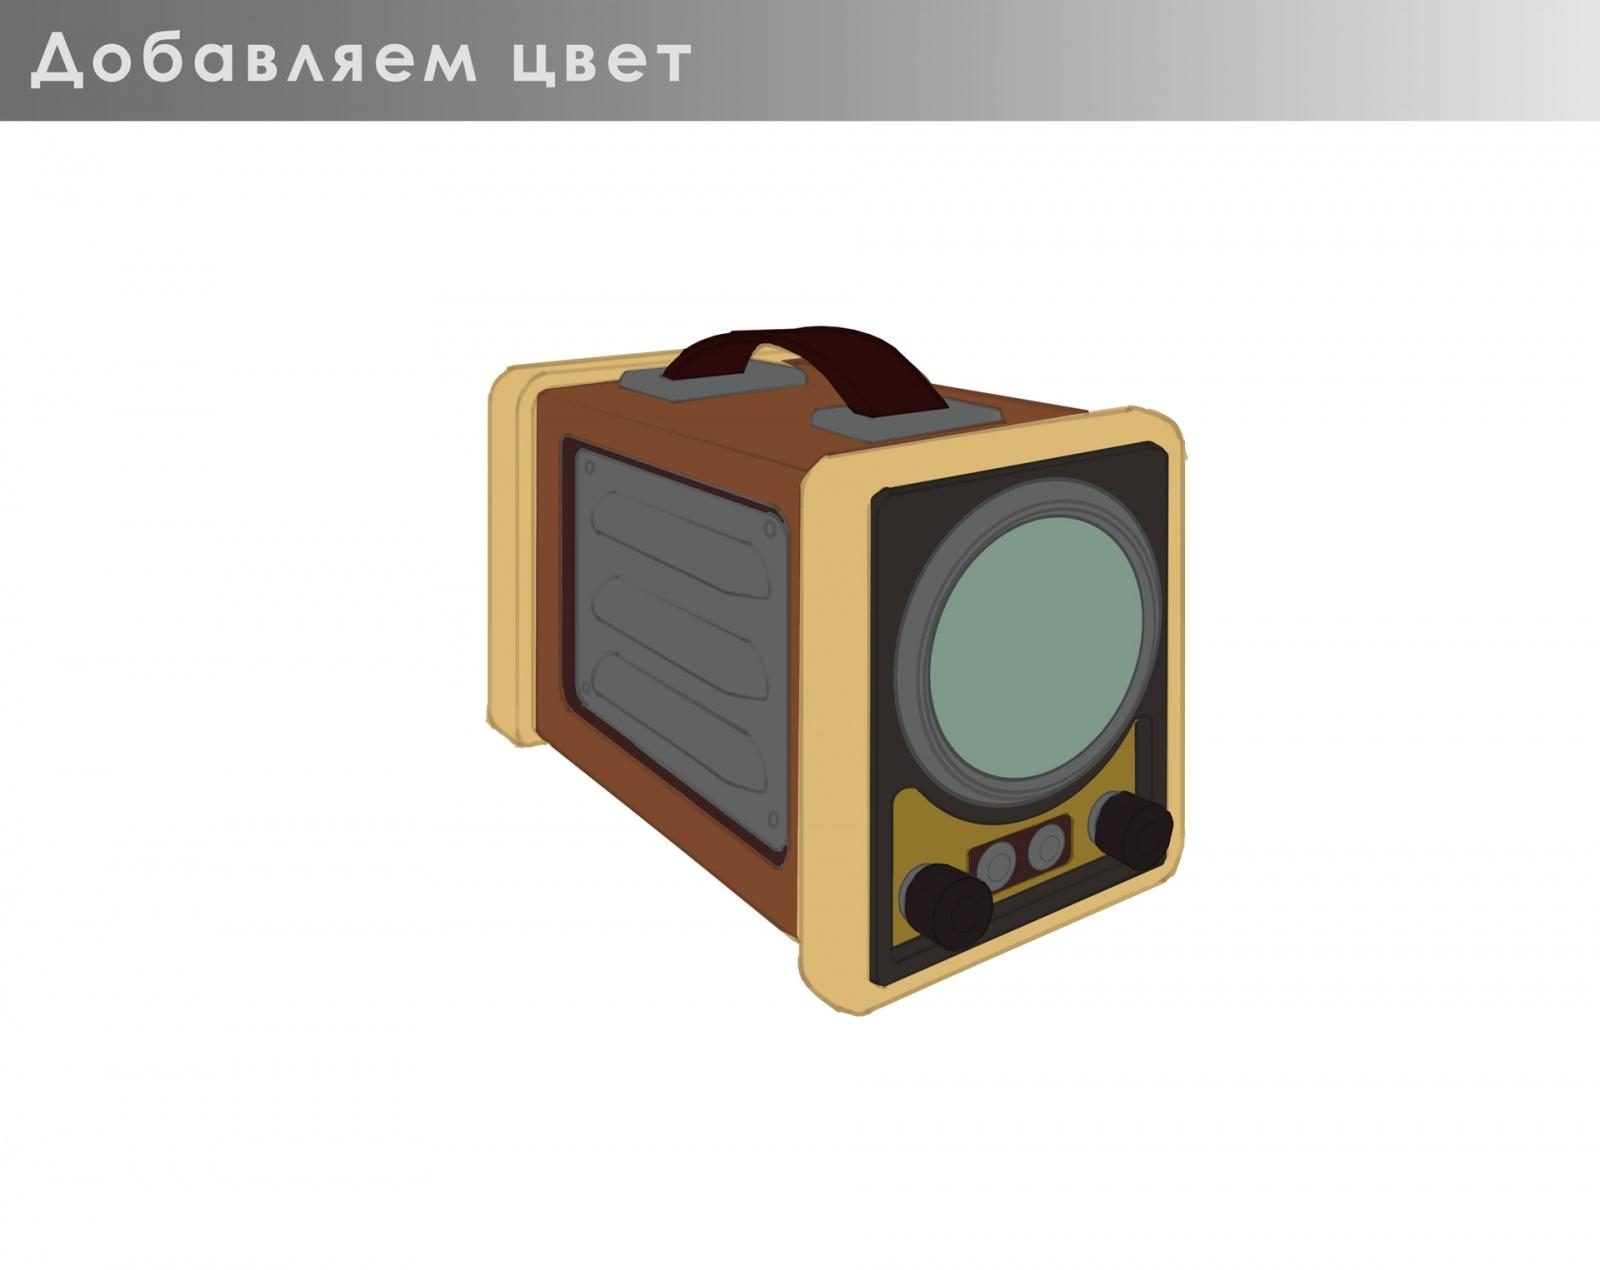 Основы CG-рисунка на примерах: рисуем осциллограф, применяем 3D - 7